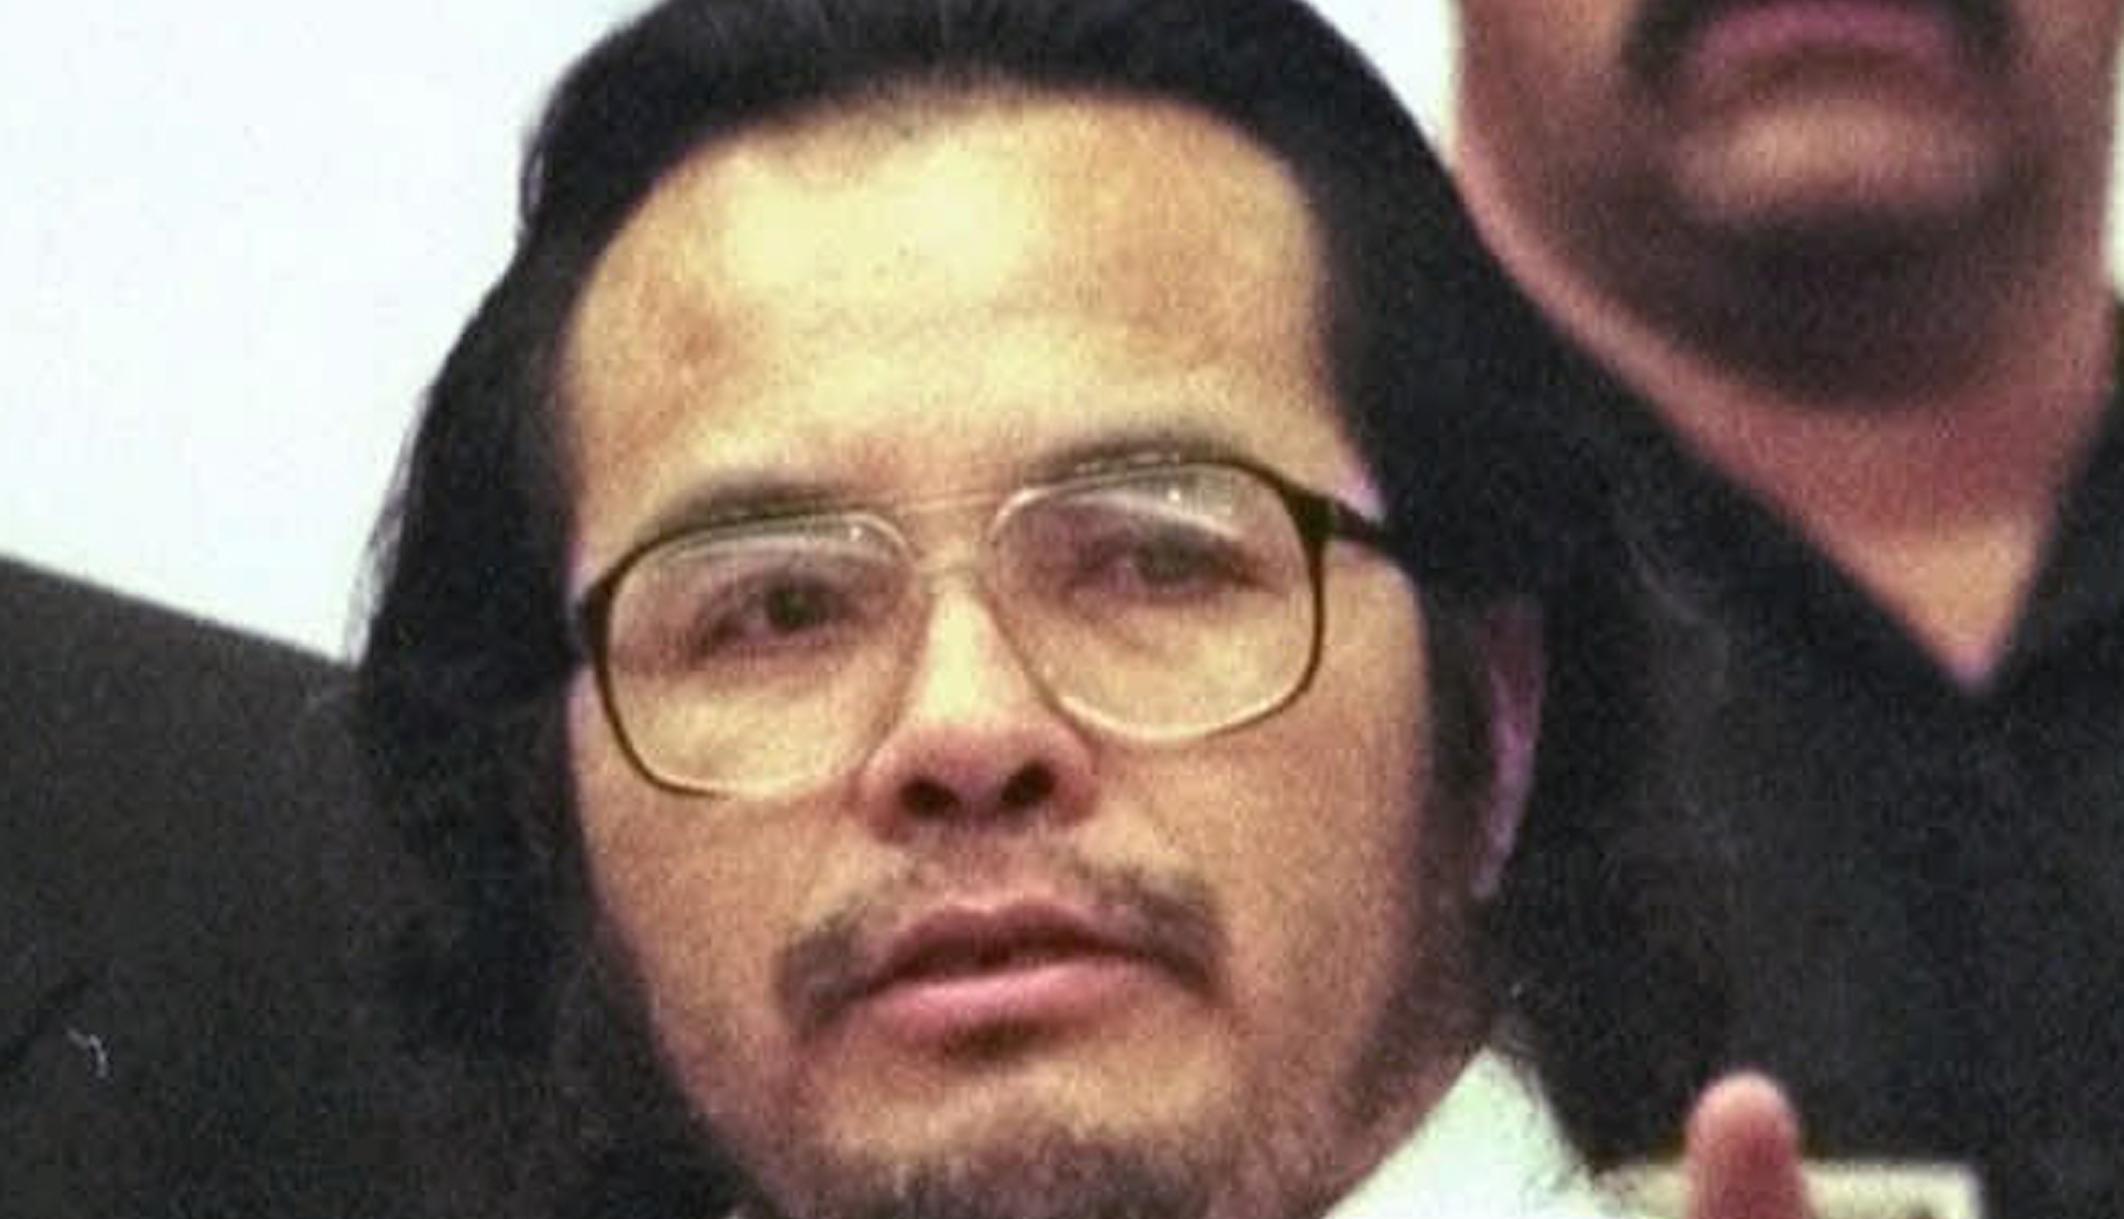 Πώς ο Serial Killer Ángel Reséndiz χρησιμοποίησε σιδηροδρόμους για να στοχεύσει, δολοφόνησε τα 9 θύματα του